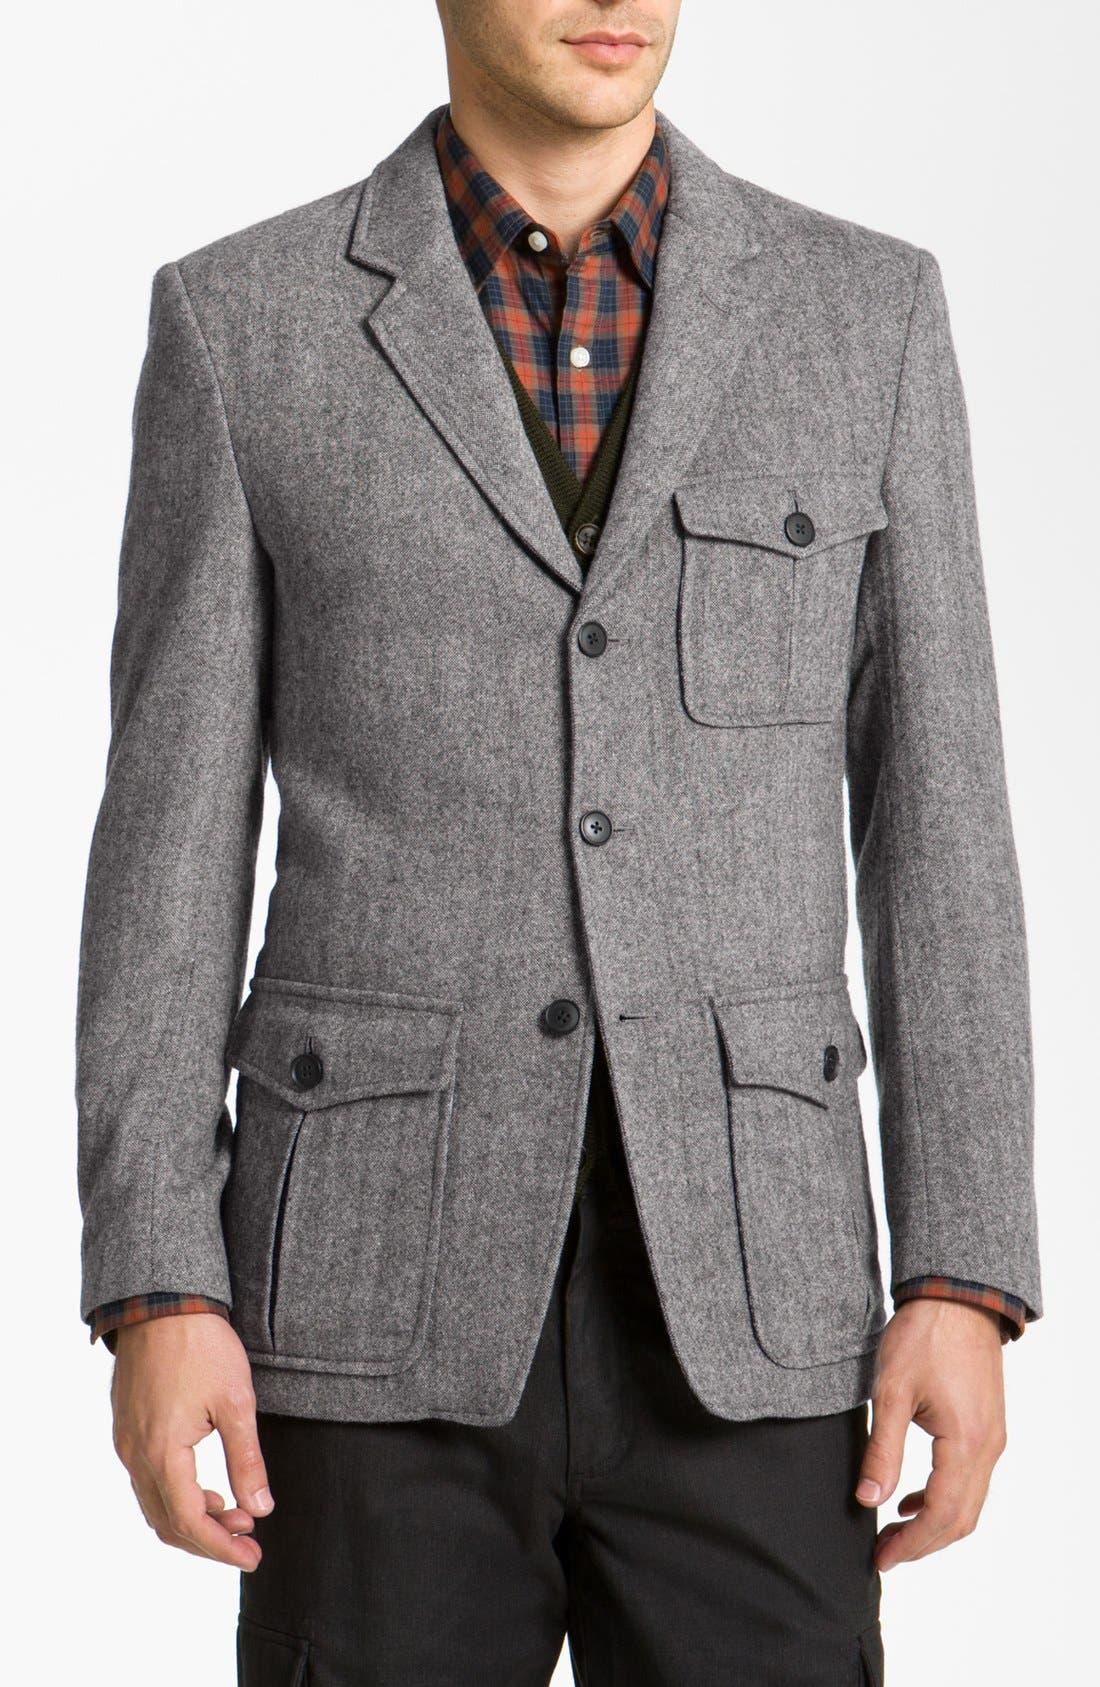 Alternate Image 1 Selected - Wallin & Bros. 'Hunting' Wool Blend Sportcoat